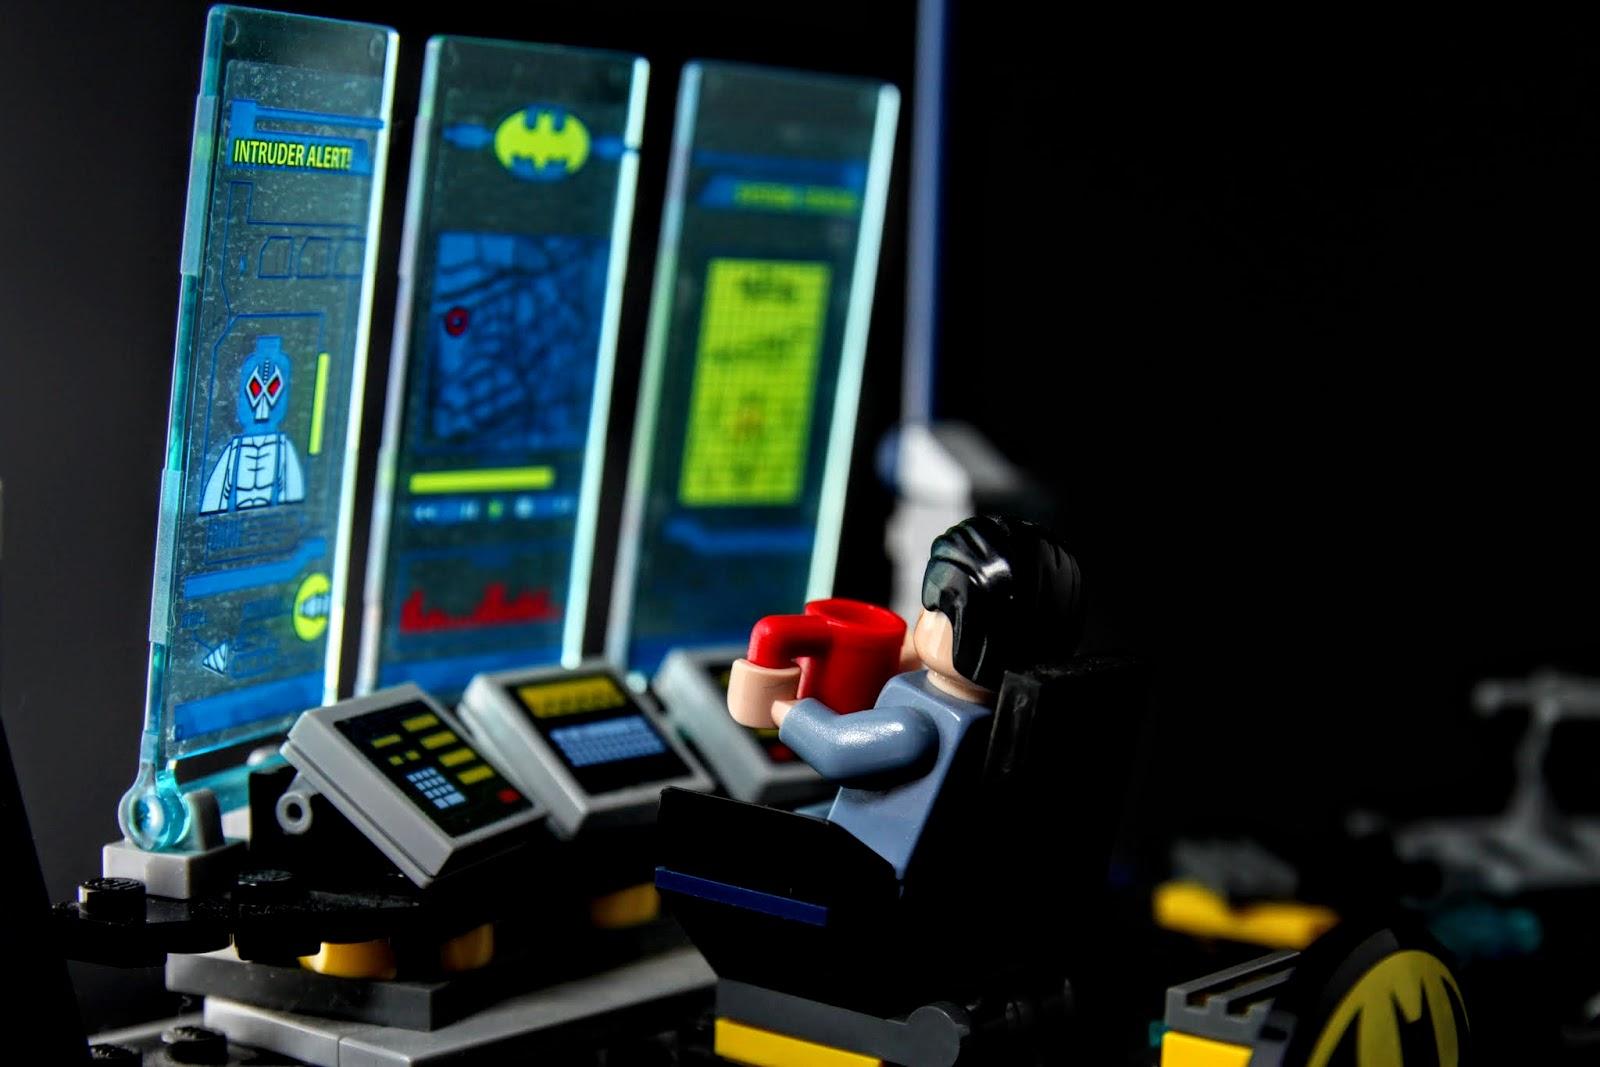 布魯斯看著電腦喝著咖啡